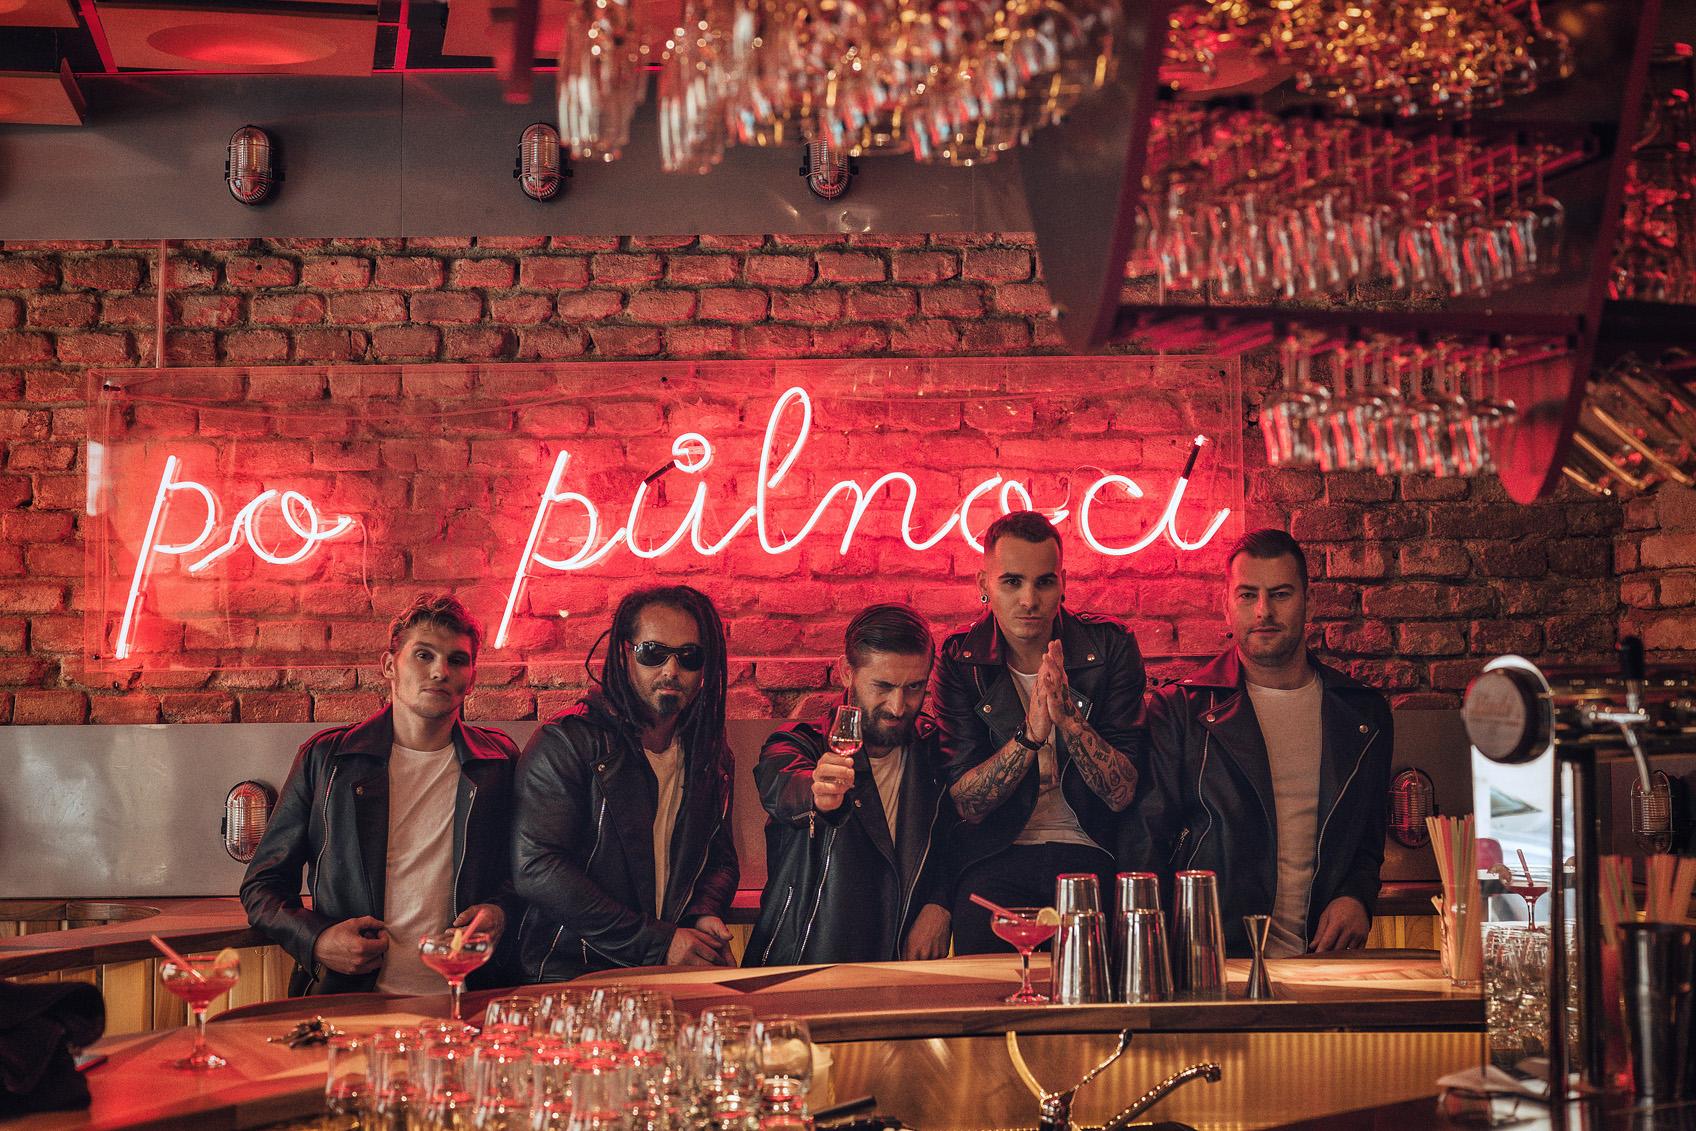 Kapela Mandrage vydává nové album Po půlnoci a vyráží na turné!